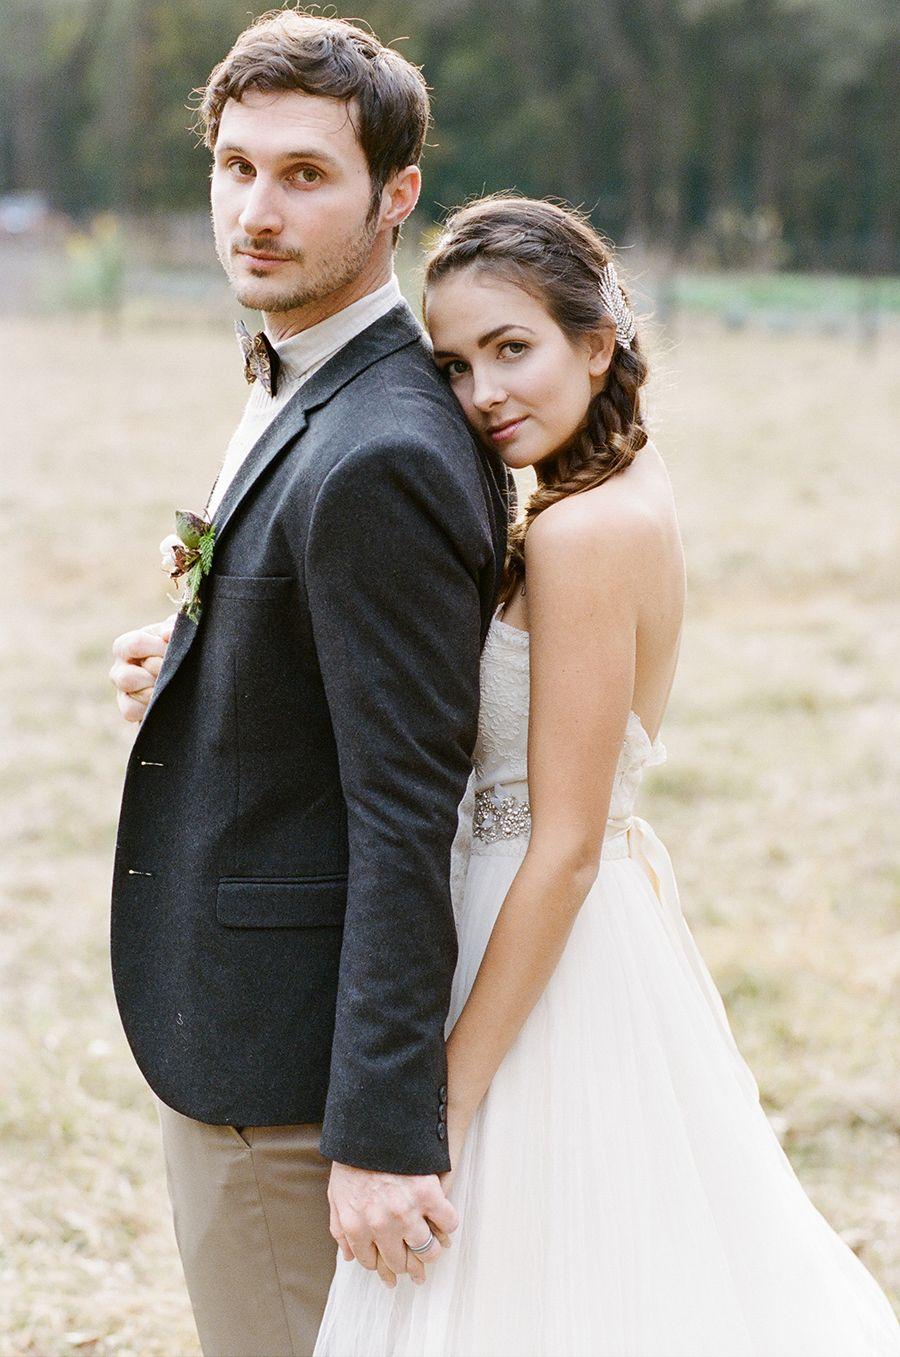 بالصور اجمل لقطات الصور للعرسان , جمال عروسين فى صورة 1369 7